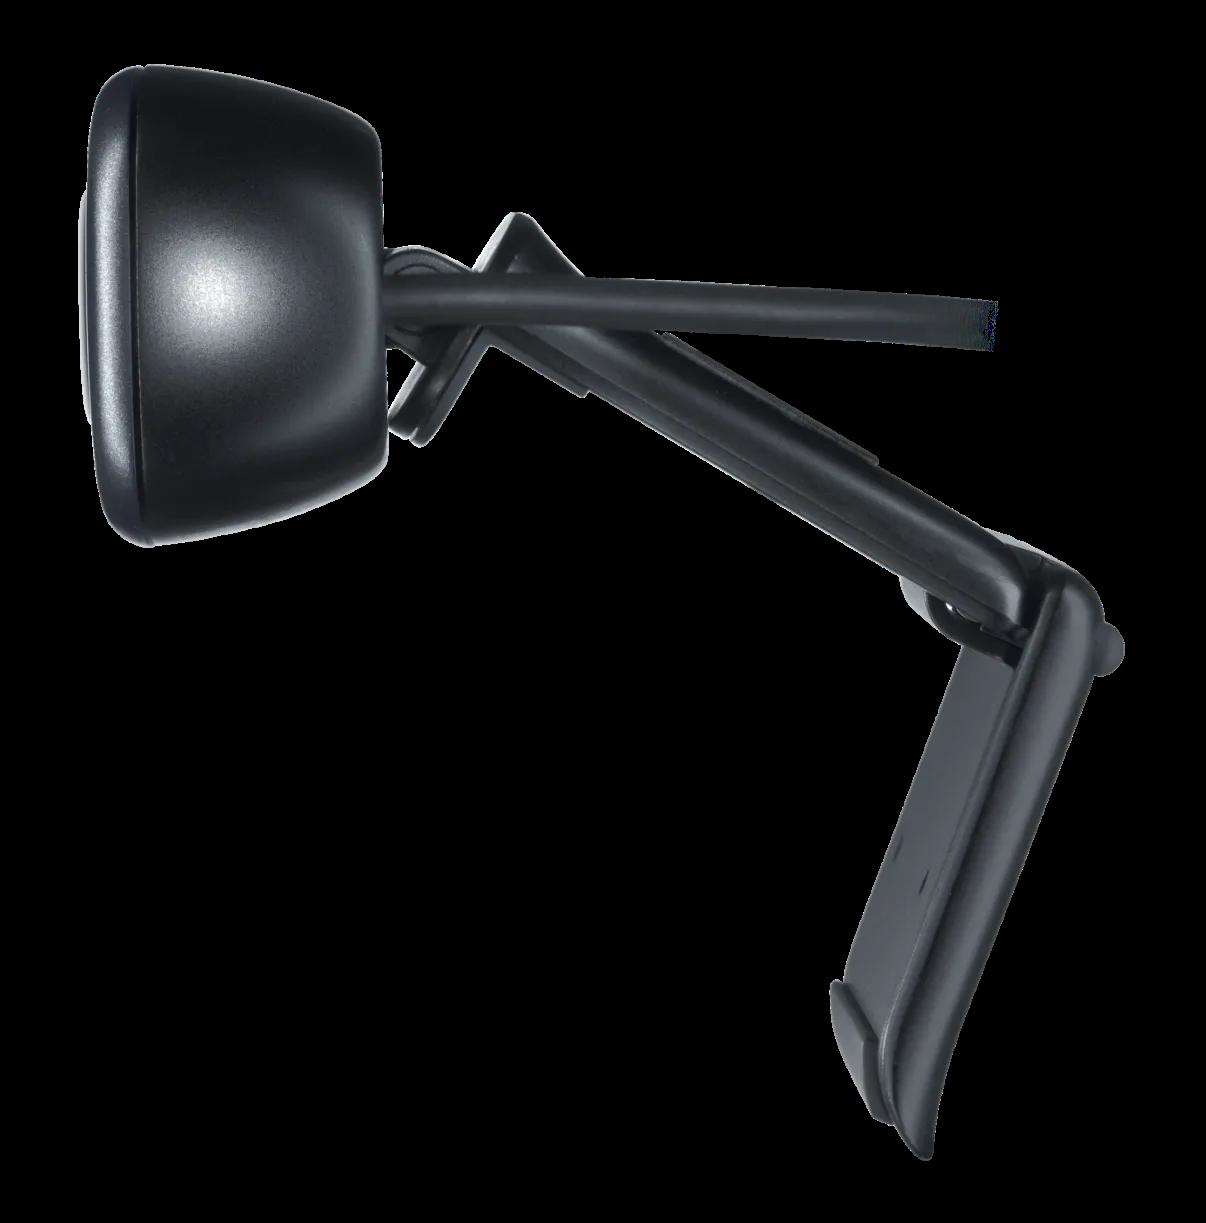 Kẹp phổ dụng có thể điều chỉnh cho phép bạn gắn camera chắc chắn vào màn hình hay máy tính xách tay, hoặc gập kẹp và đặt webcam lên giá sách